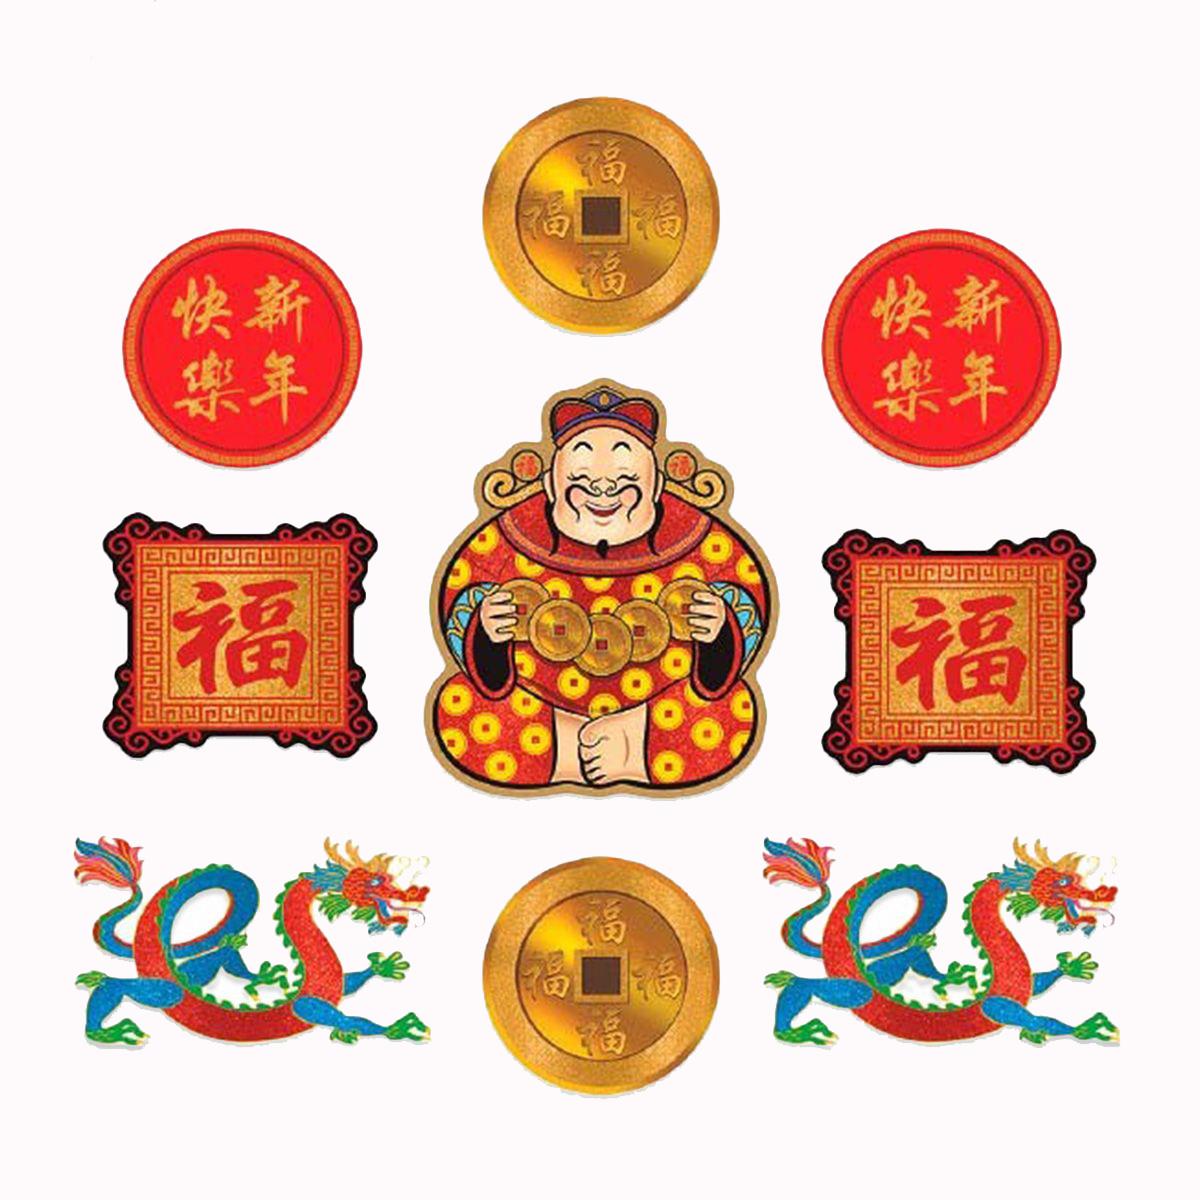 Chinese_New_Year_Cutouts_Chinese New Year Cutouts Glittered